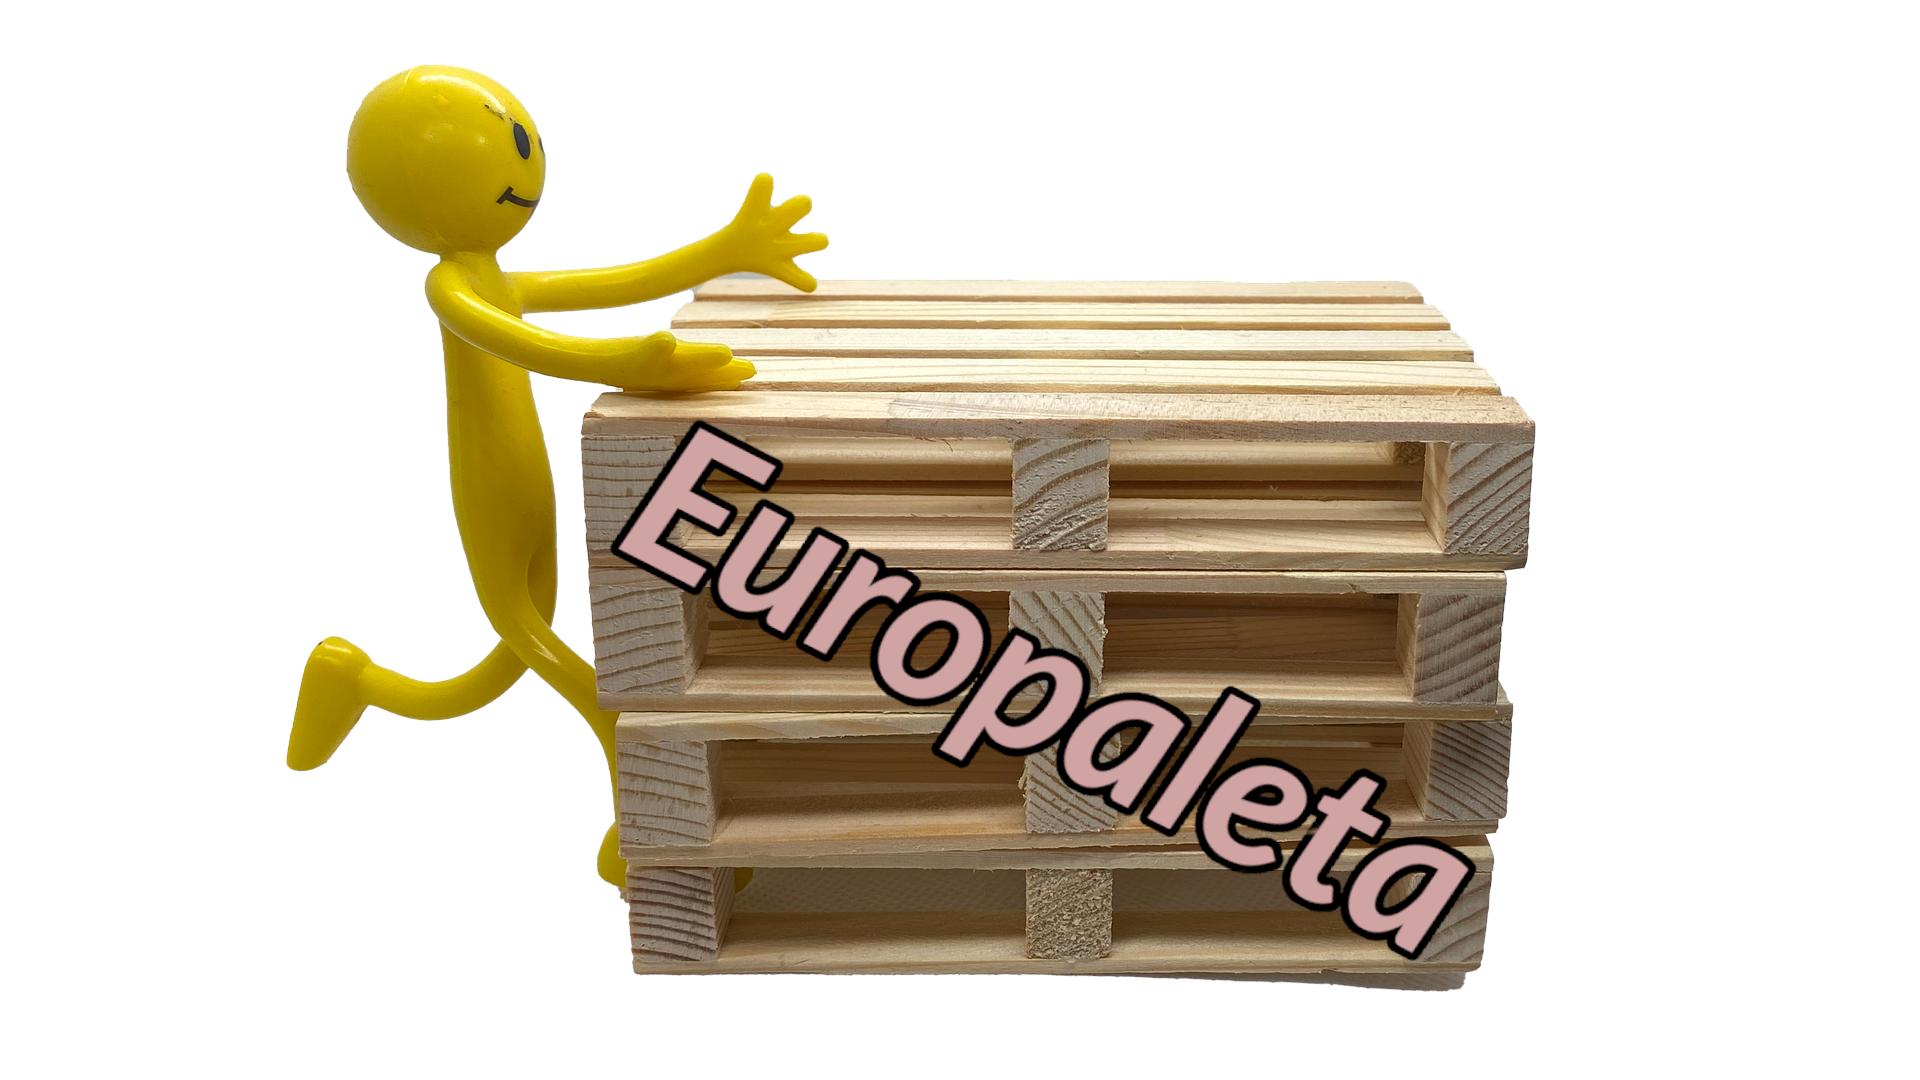 europaleta